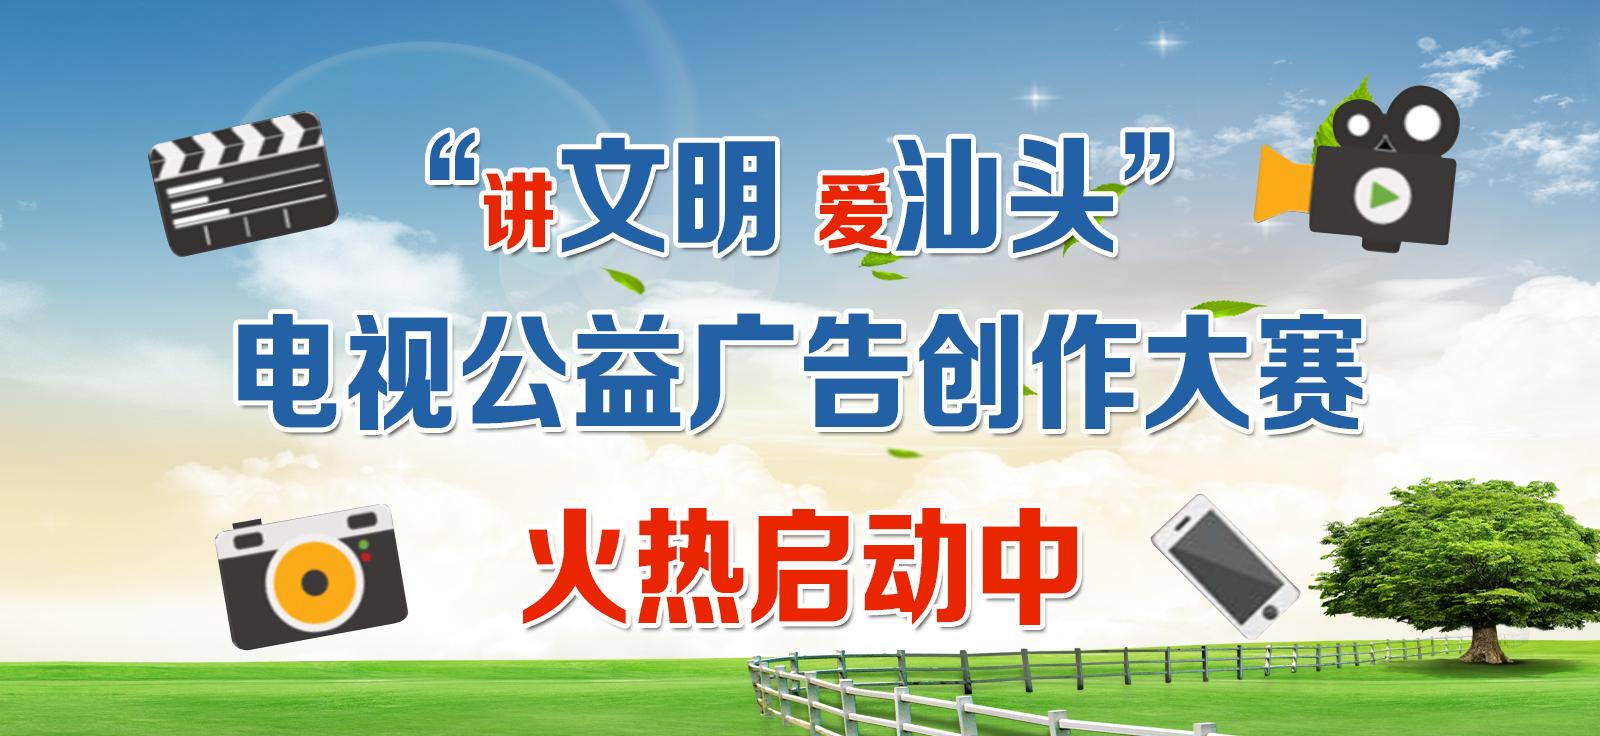 """""""讲文明,爱汕头""""电视公益广告创作大赛征稿启事"""